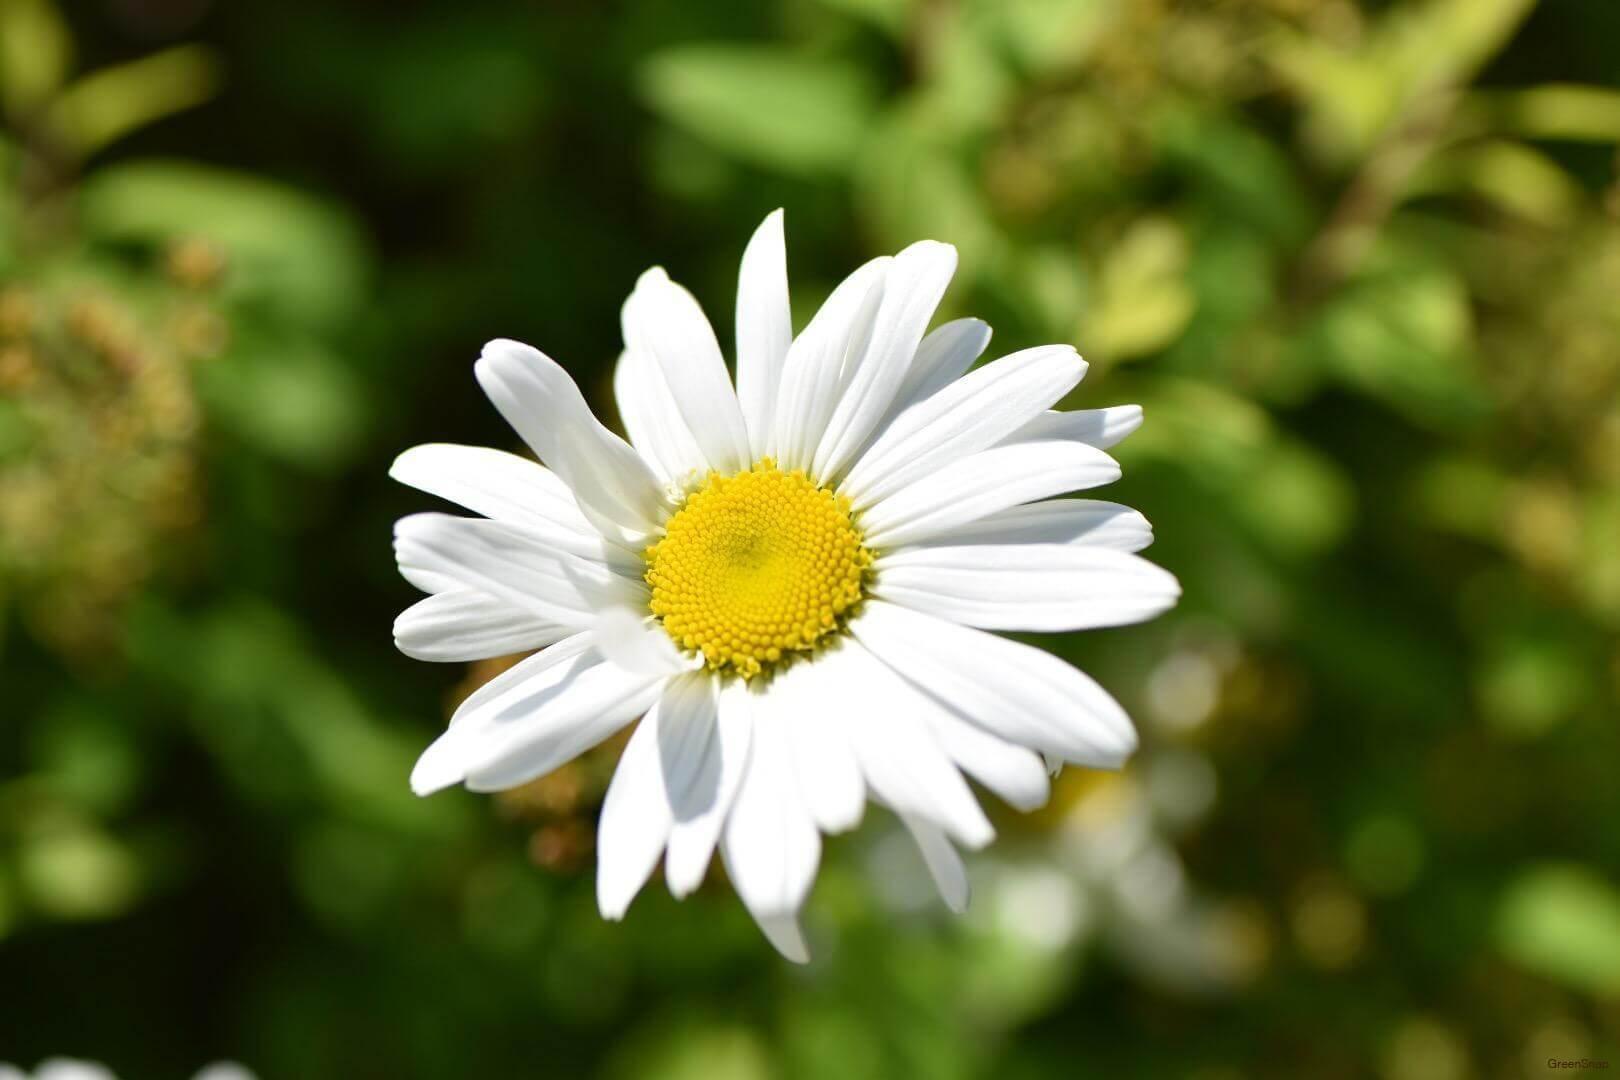 白色のマーガレットの花の画像